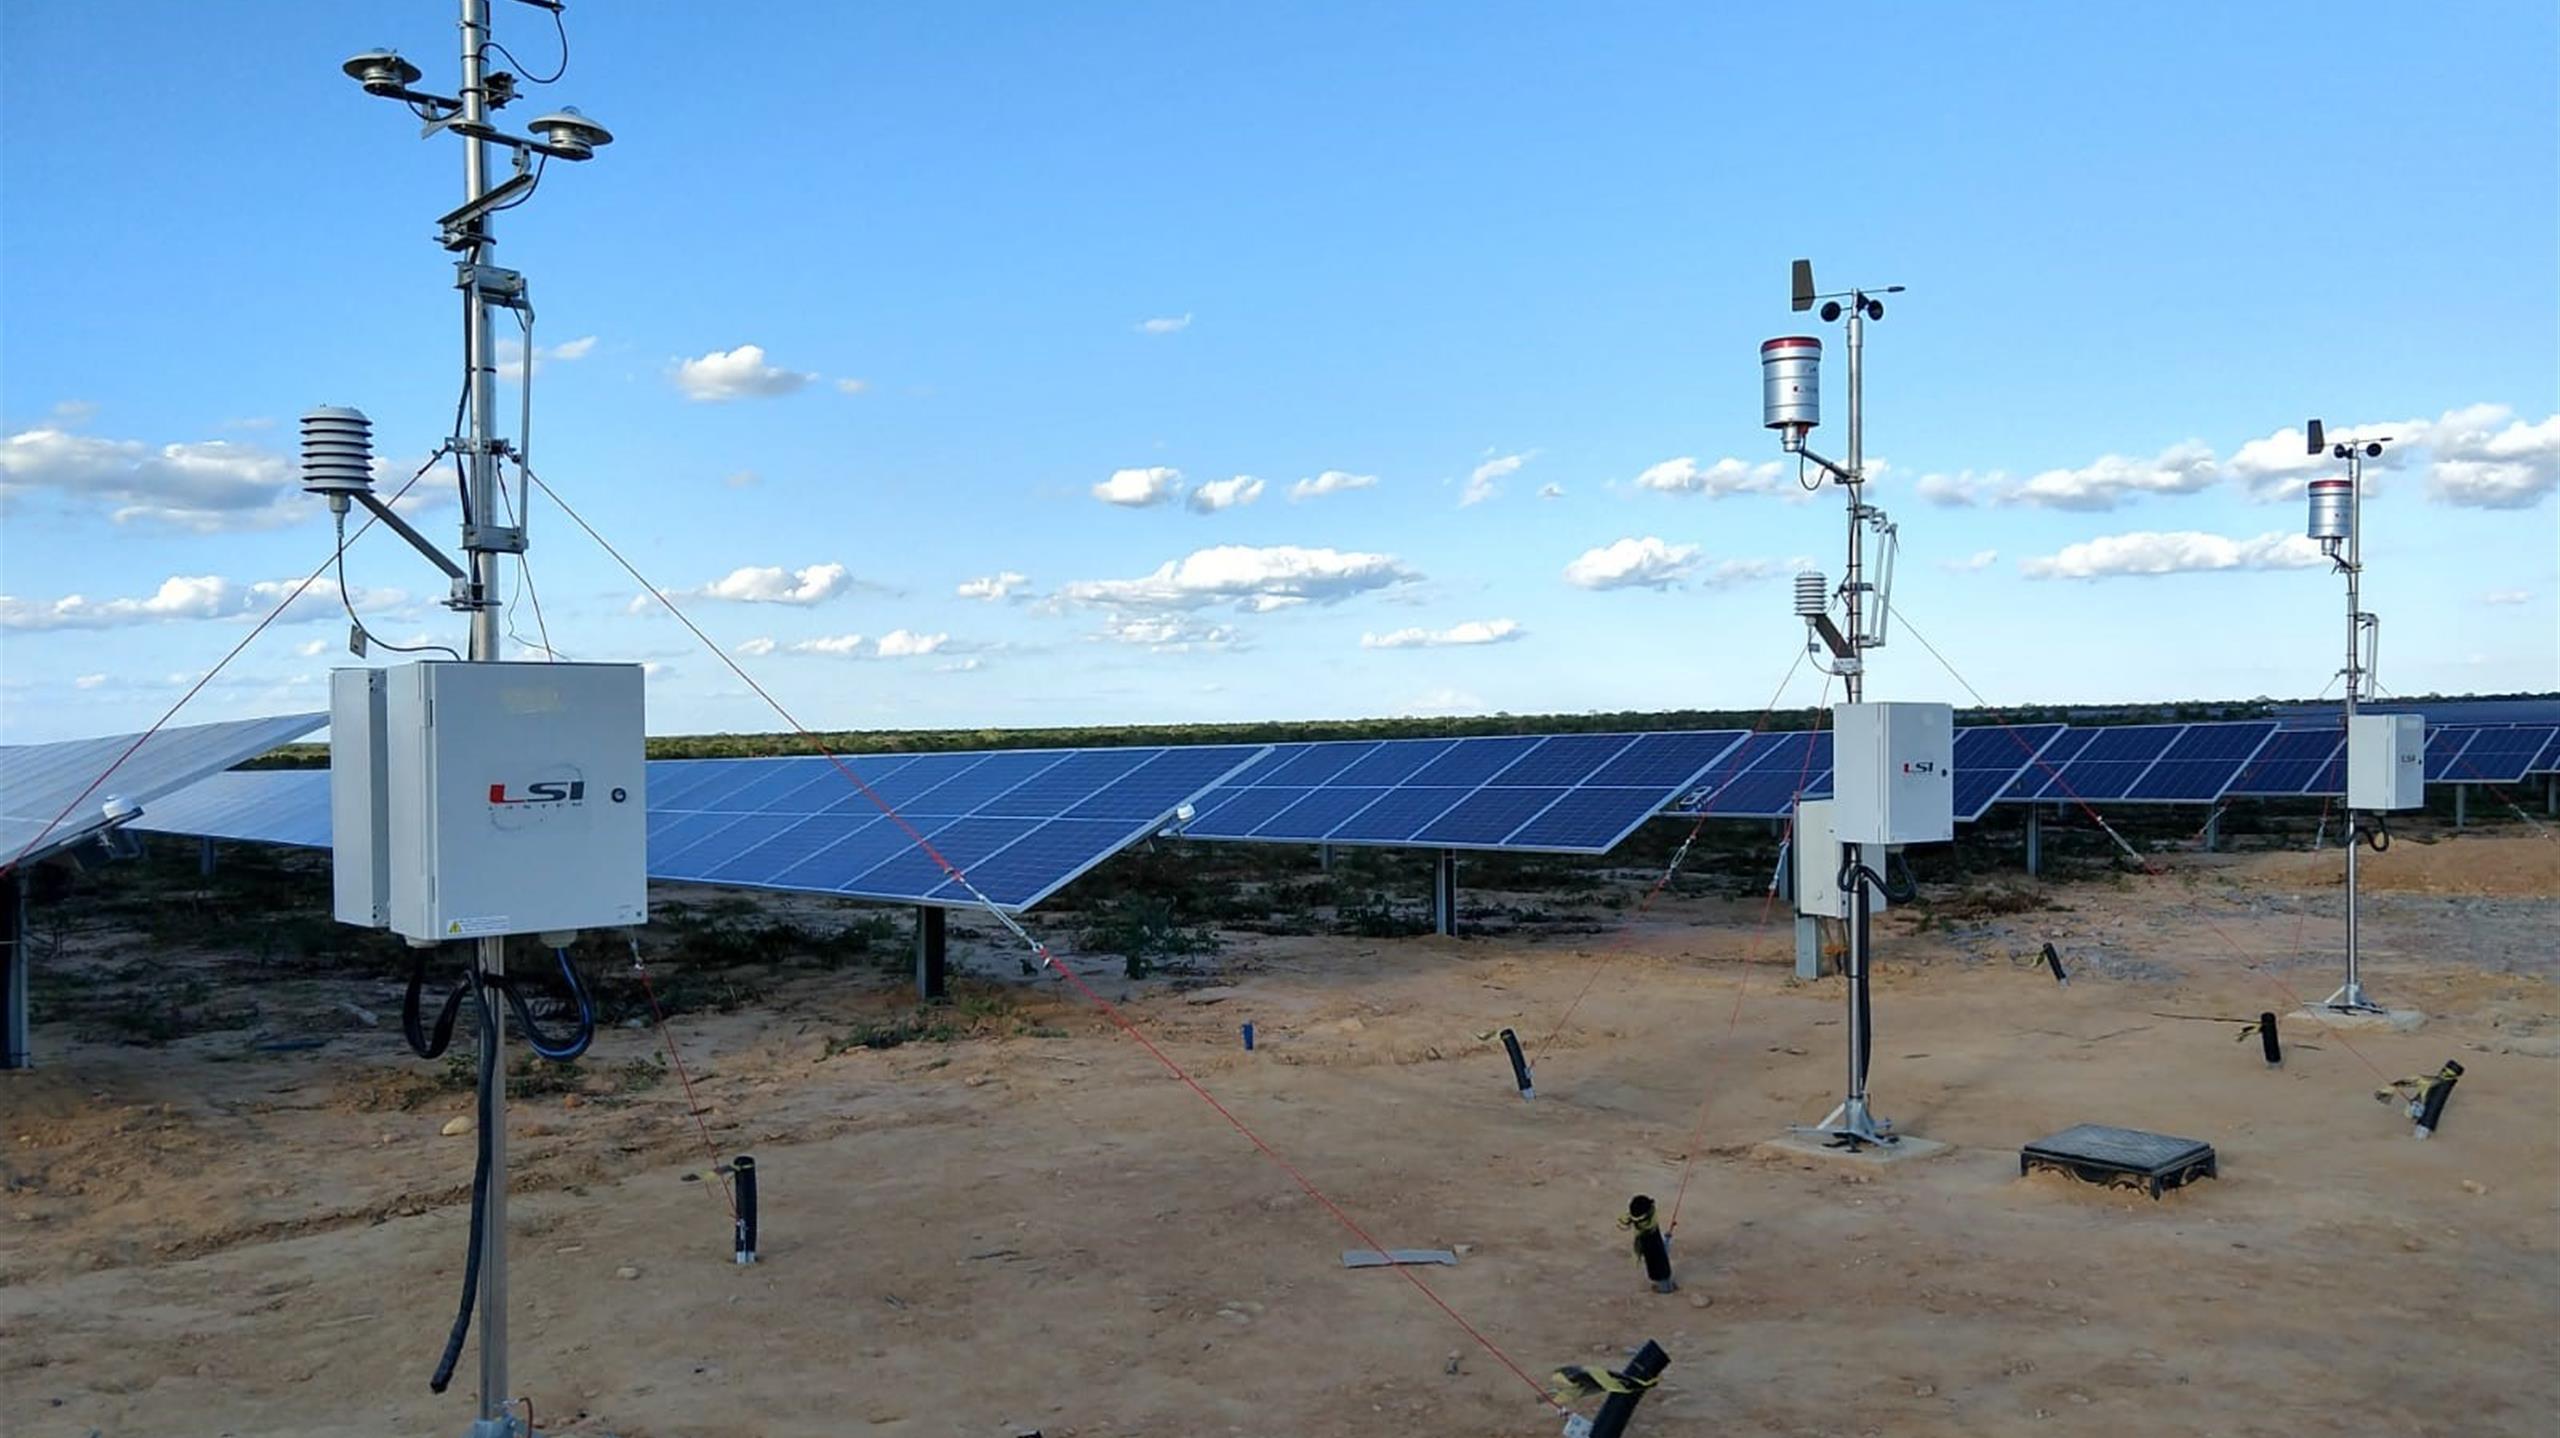 Stazioni meteo per un impianto solare di 223 MW in Brasile